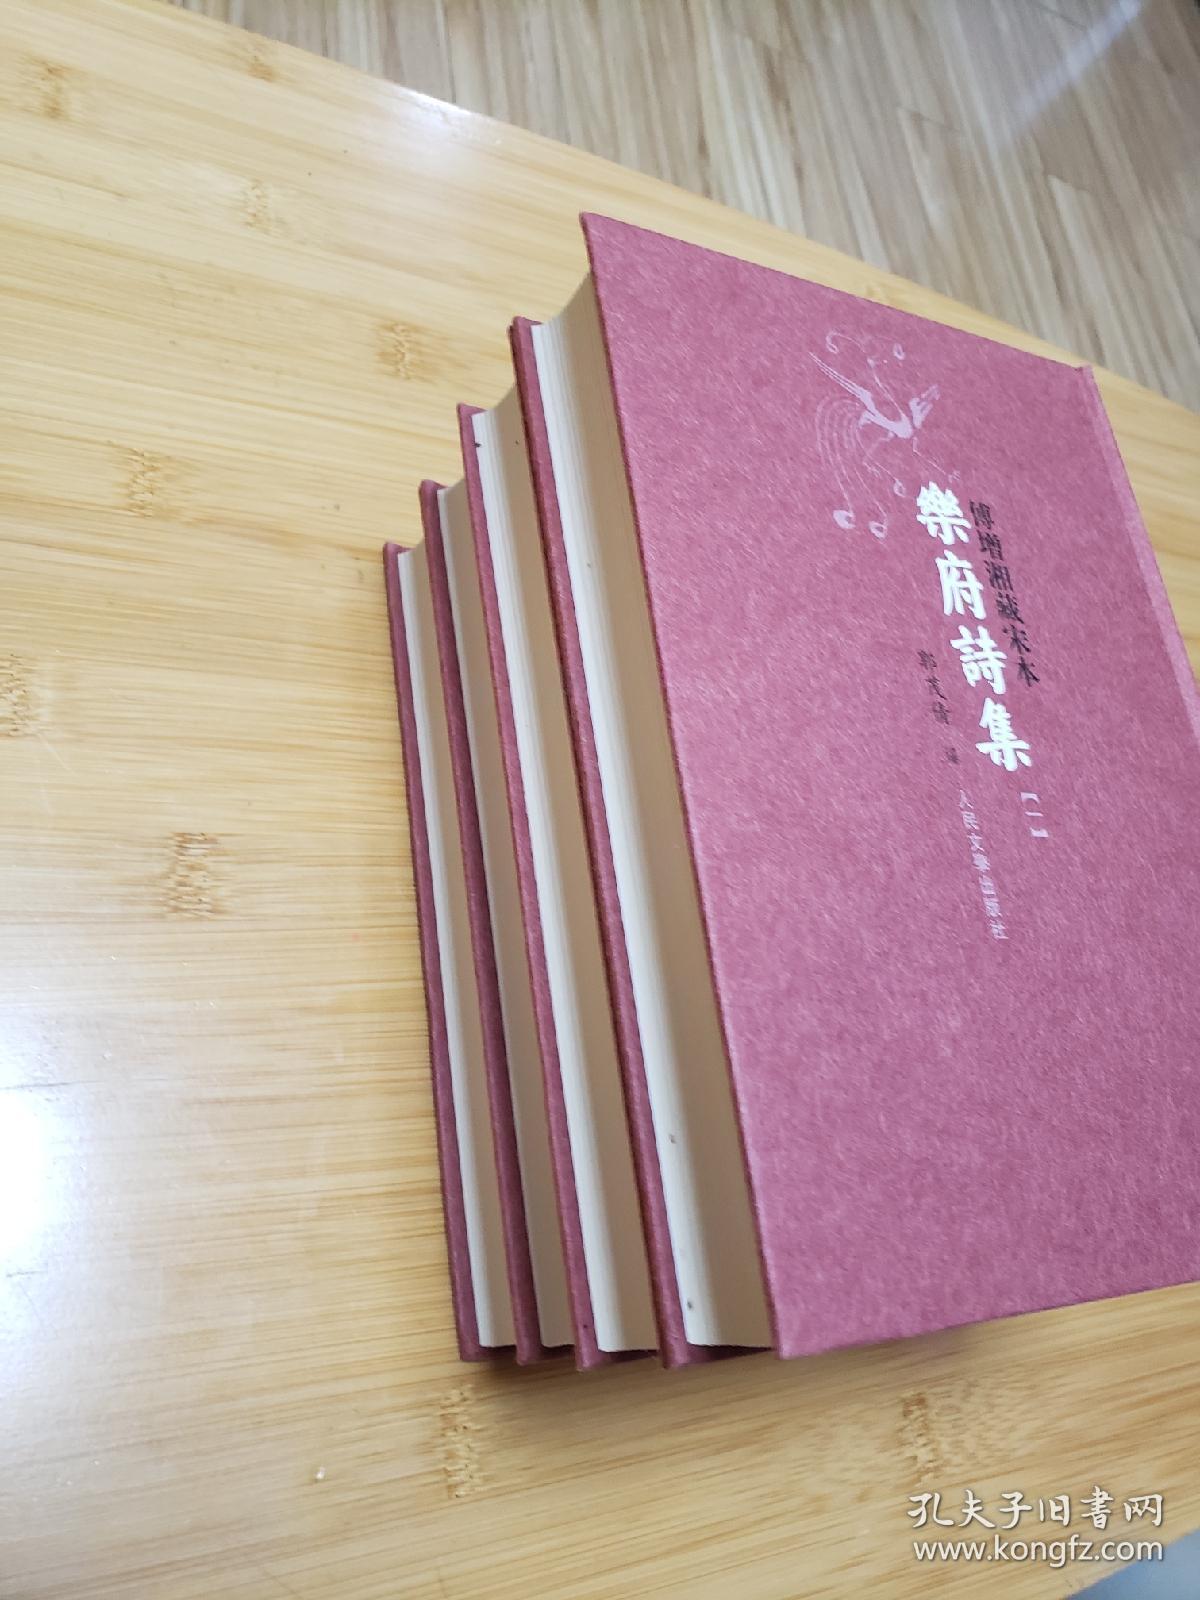 【包邮】傅增湘藏宋本乐府诗集(全四册),精装一版一印 品上佳板挺无磕碰